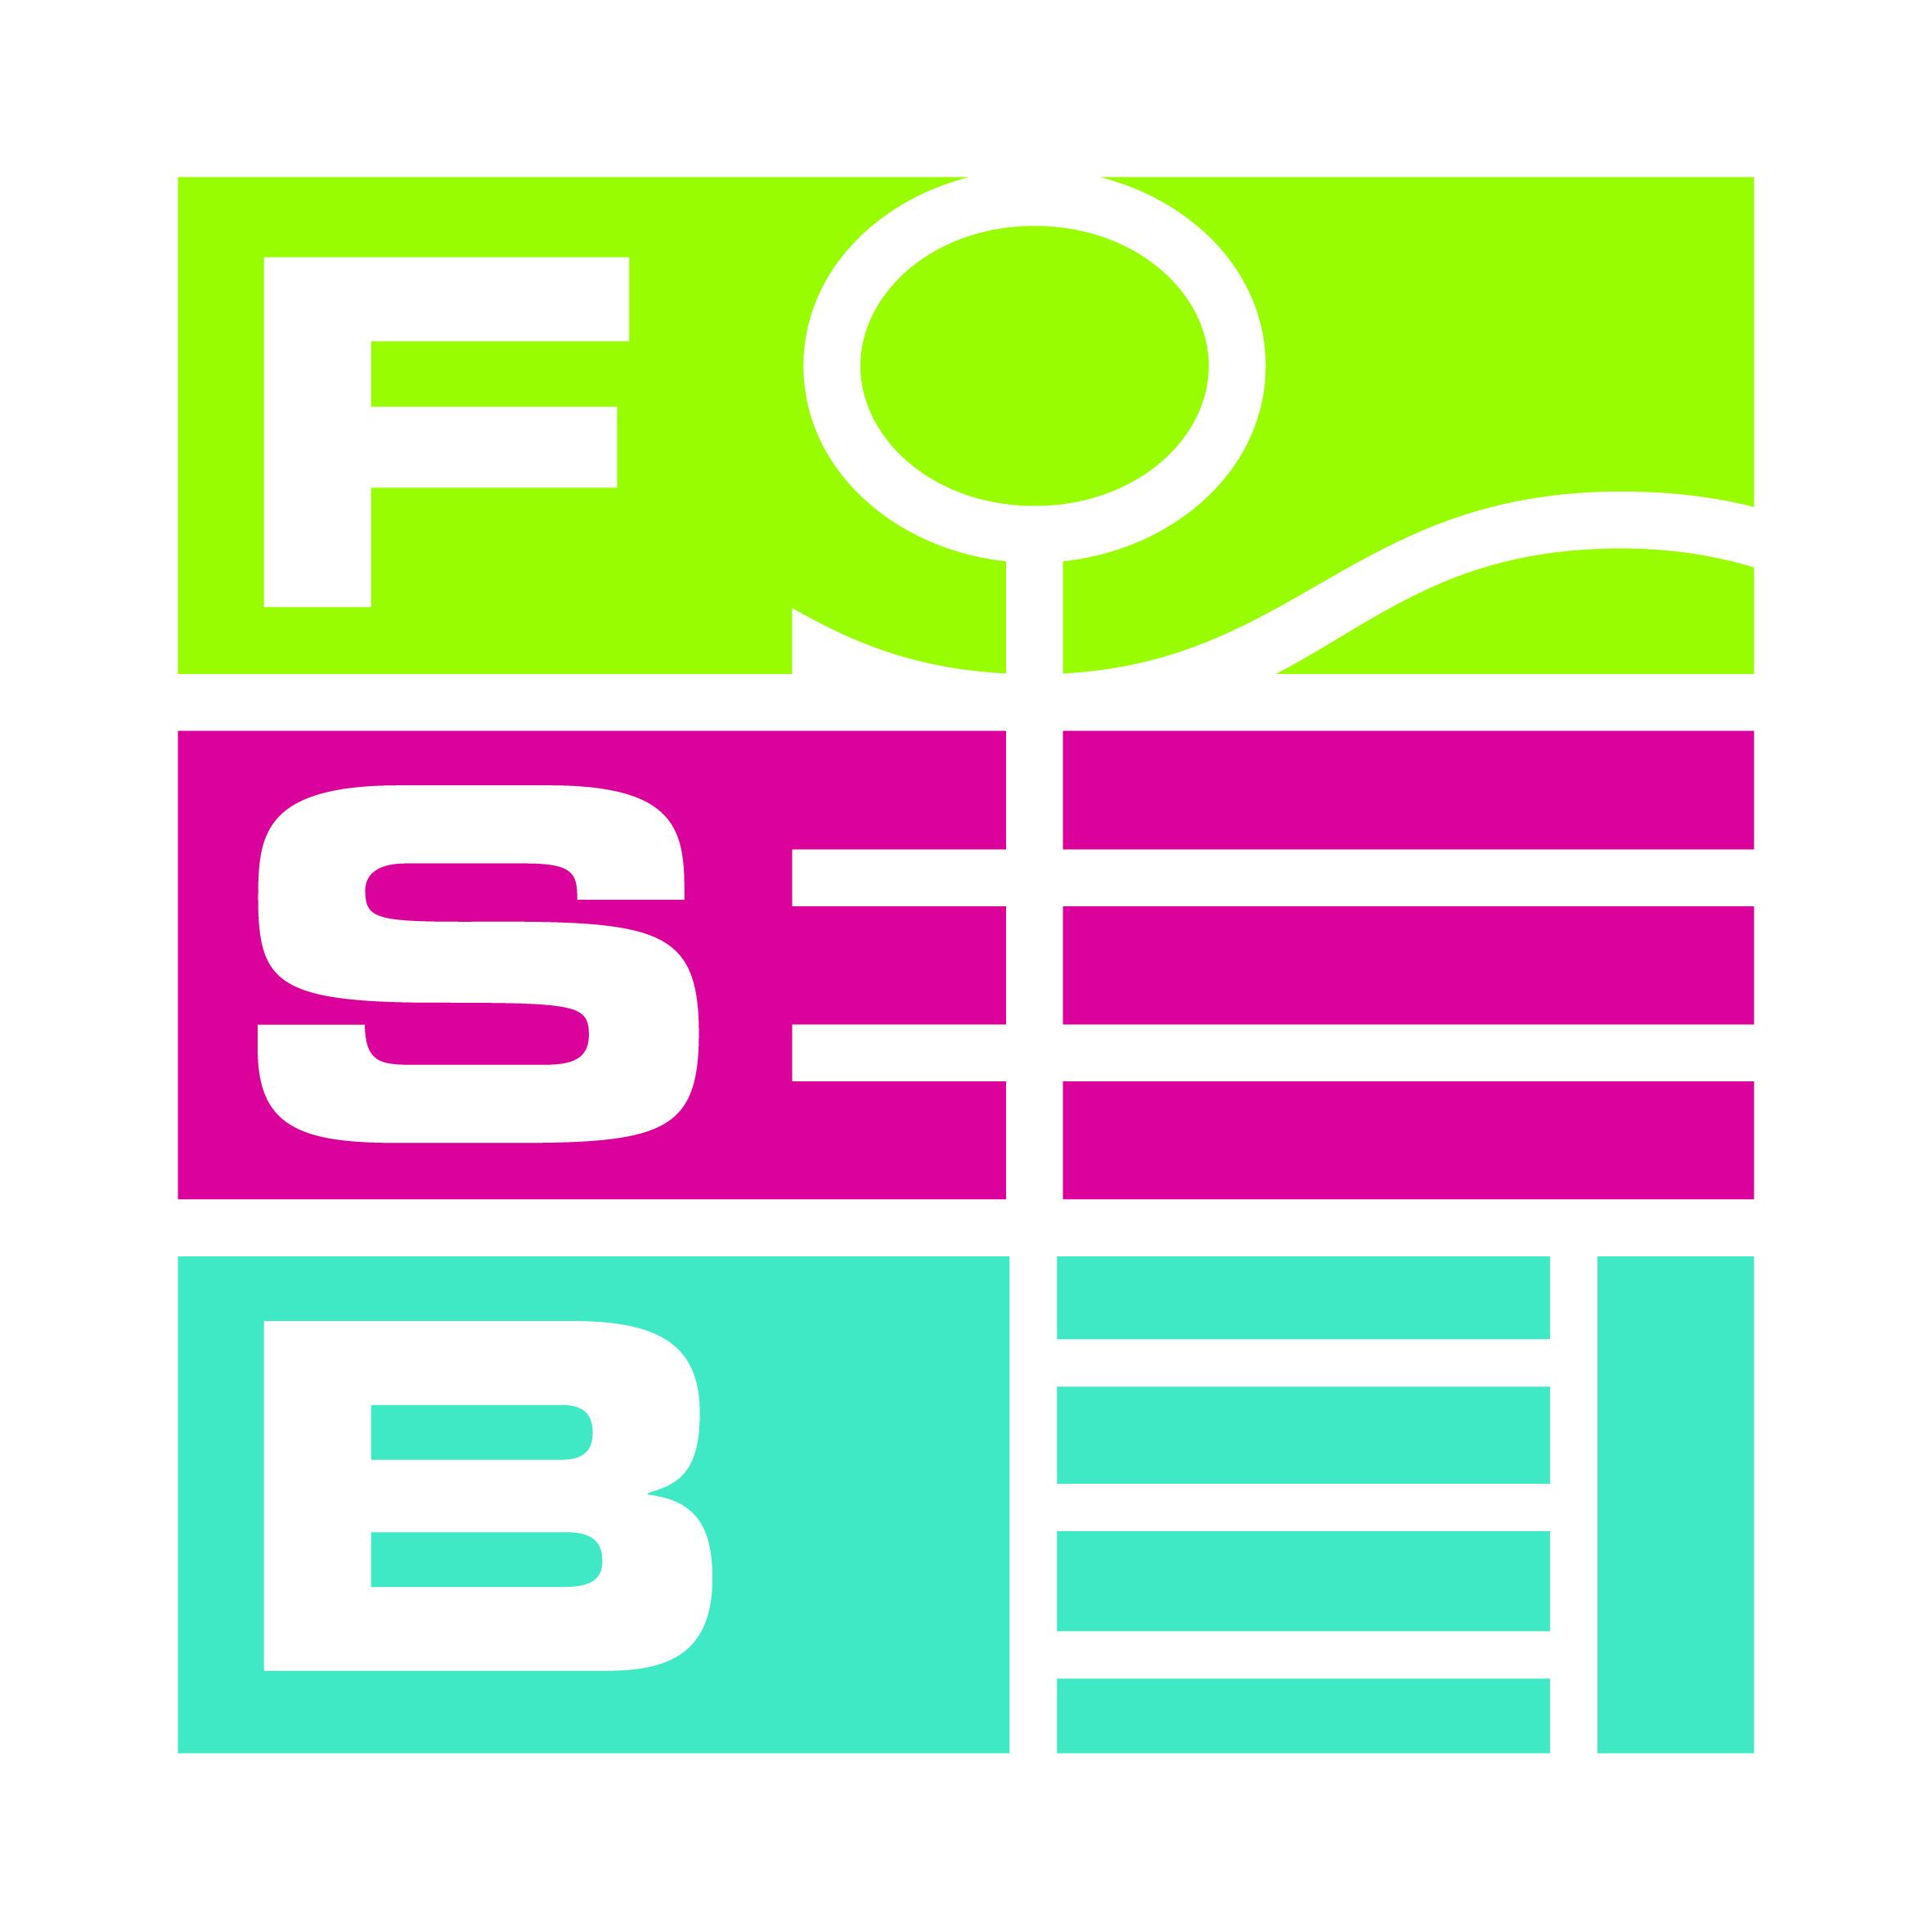 FSB  – Internationale Fachmesse für Freiraum, Sport- und Bewegungseinrichtungen